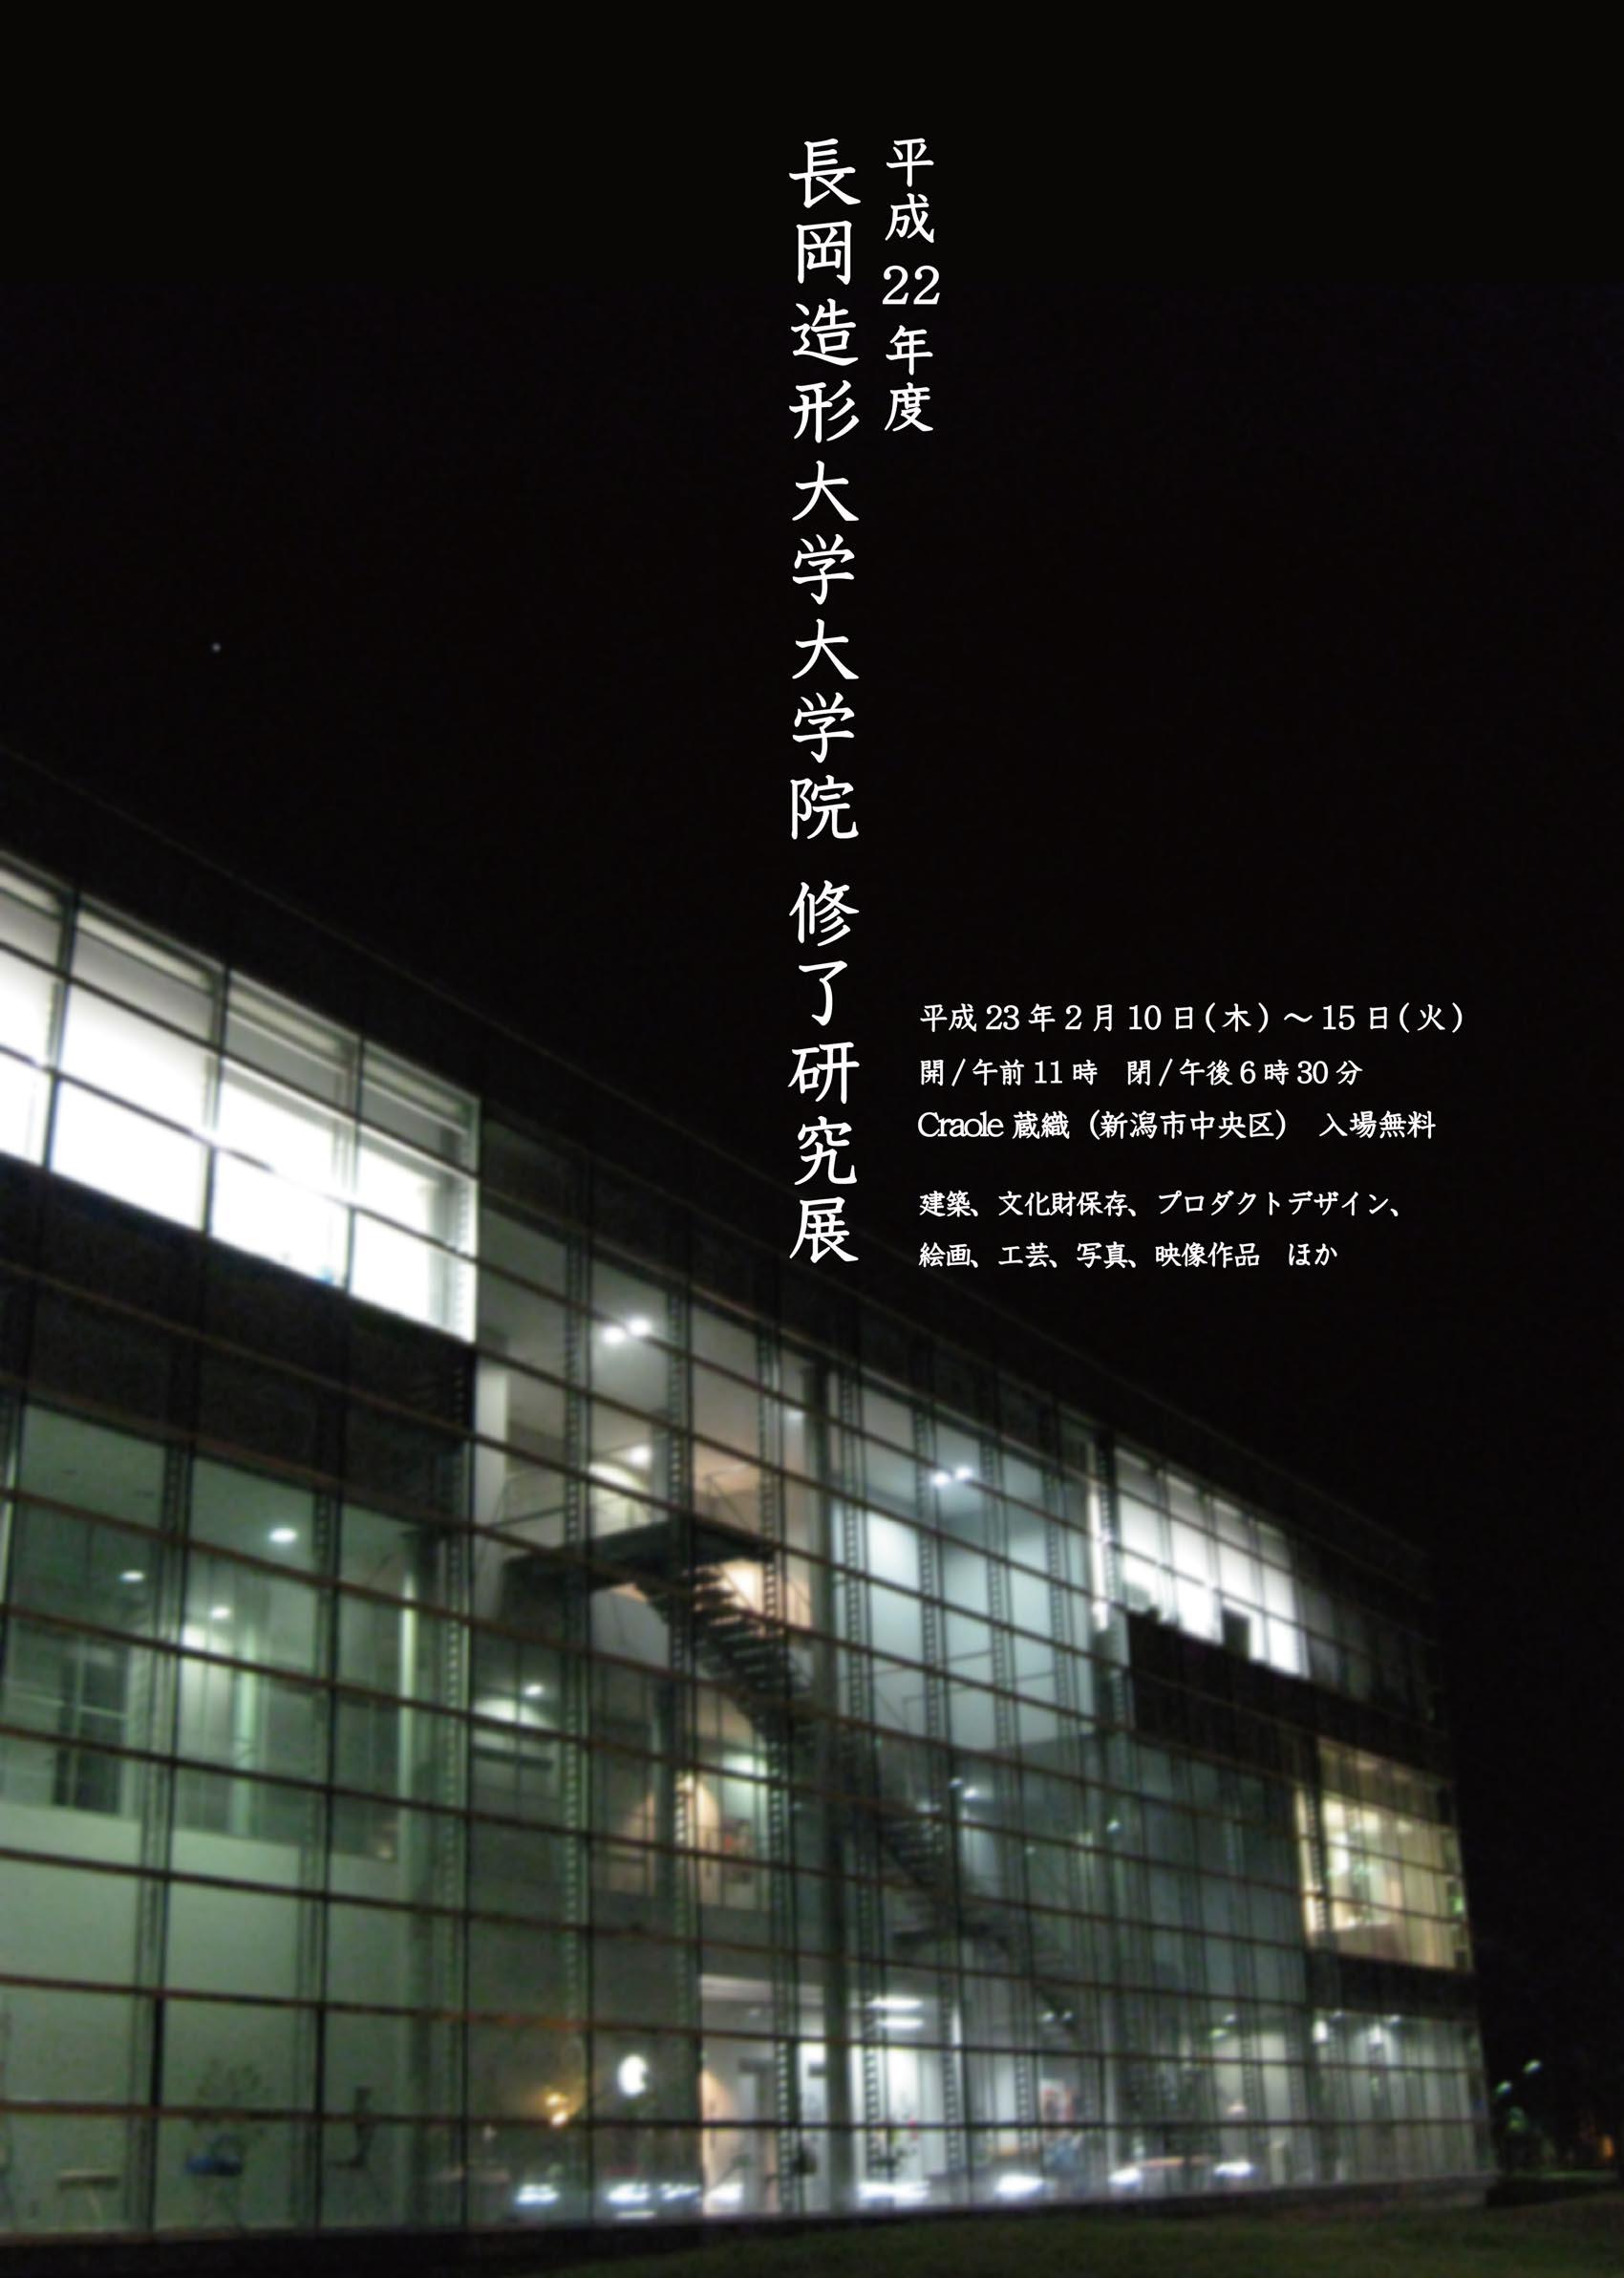 2011年2月10日、蔵織で長岡造形大学大学院 修了研究展が開催されます。_d0178448_2313712.jpg